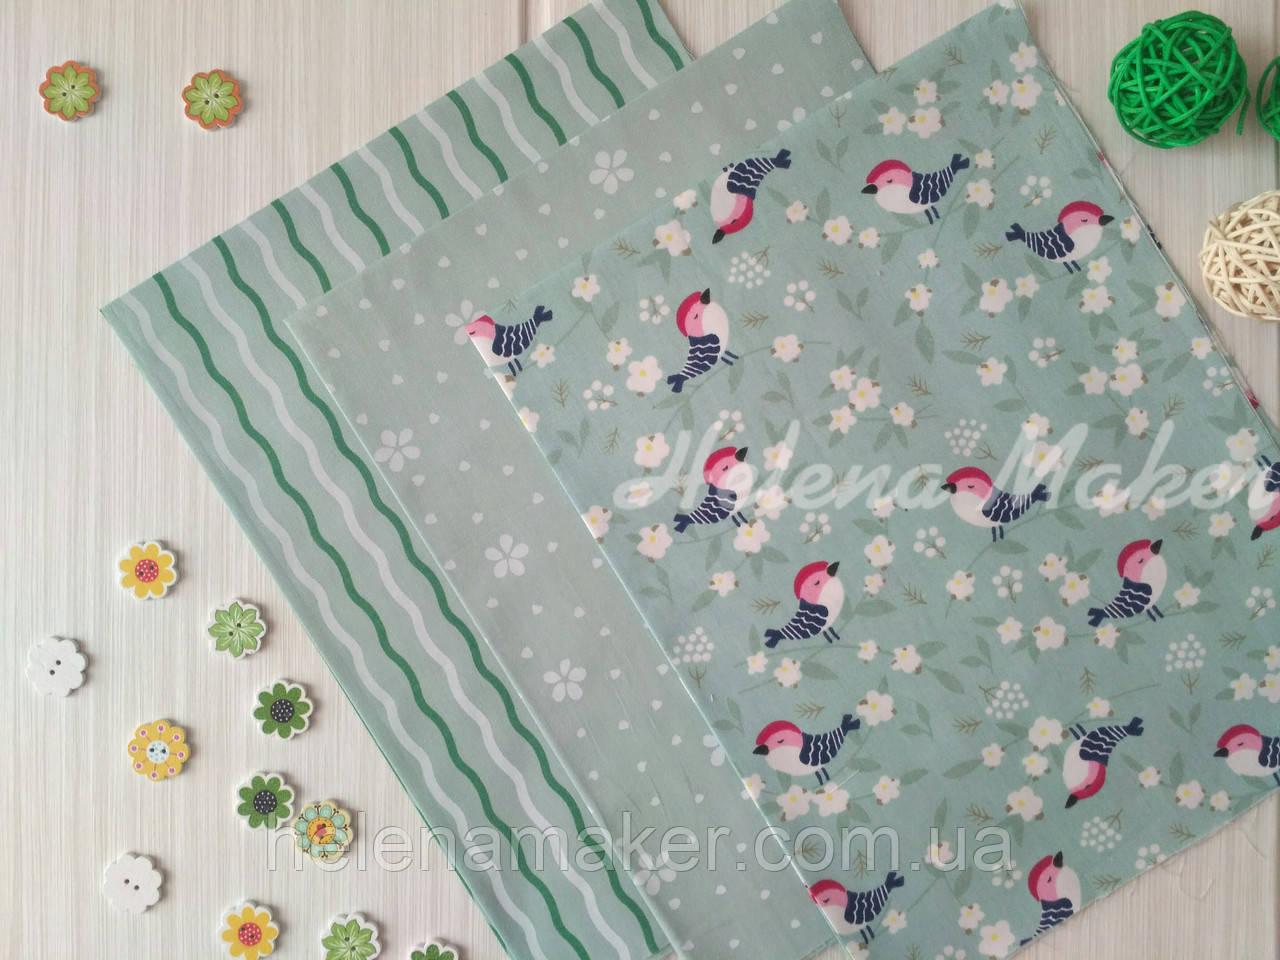 Набор ткани для рукоделия зеленый с птичками  (3 отреза  40*50 см)